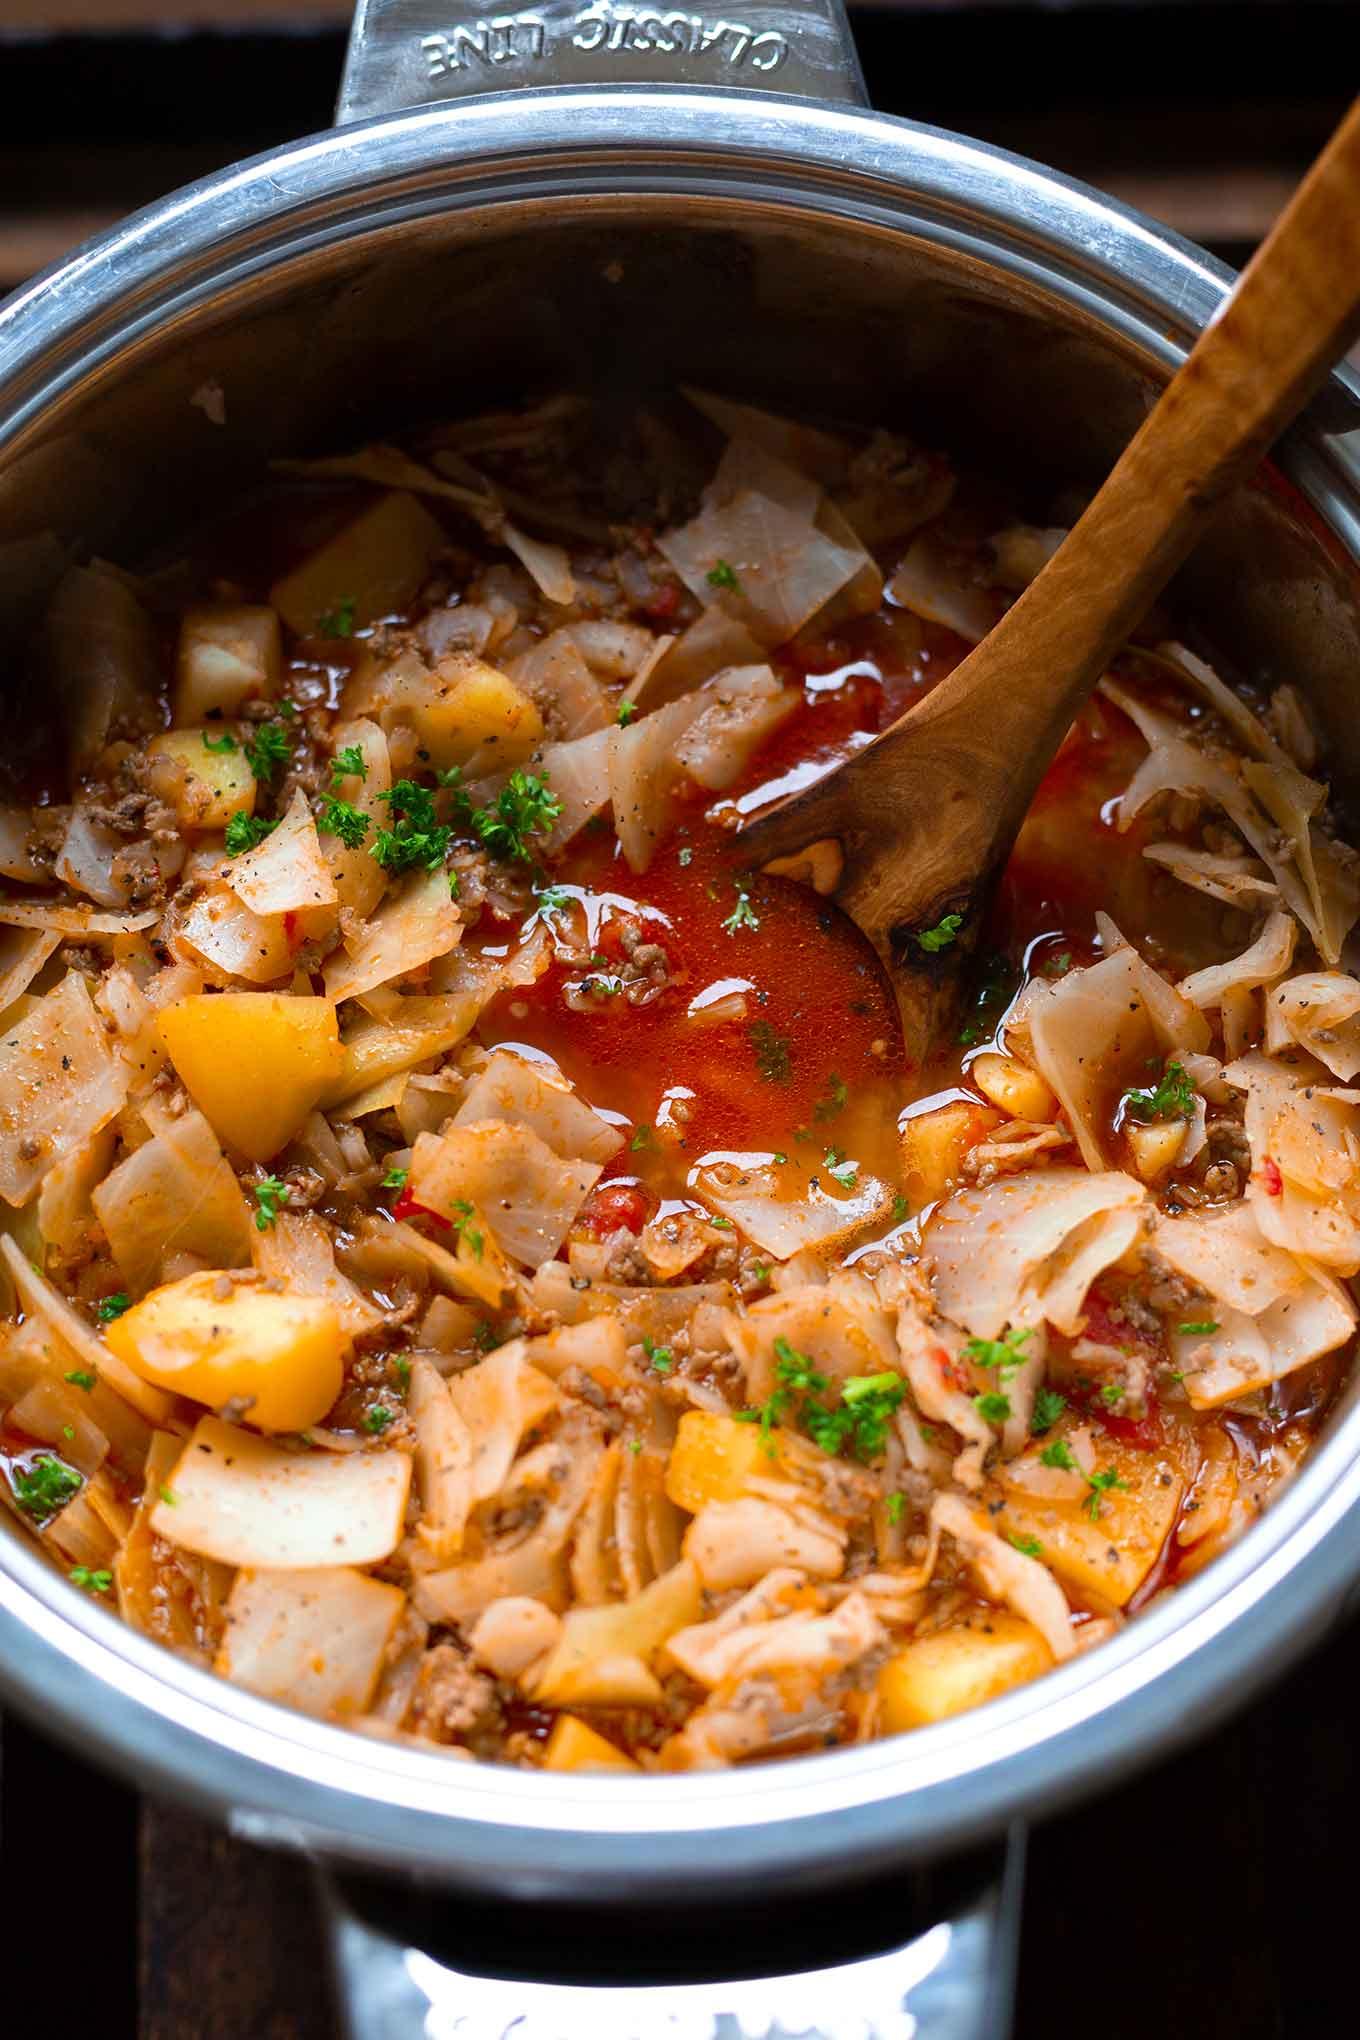 Deftiger Kohl-Hackfleisch-Eintopf mit Kartoffeln. Dieses schnelle und einfache Soulfood Rezept ist vollgepackt mit Gemüse und ganz viel Geschmack! - Kochkarussell Foodblog #kohlsuppe #herbstrezept #herzhaft